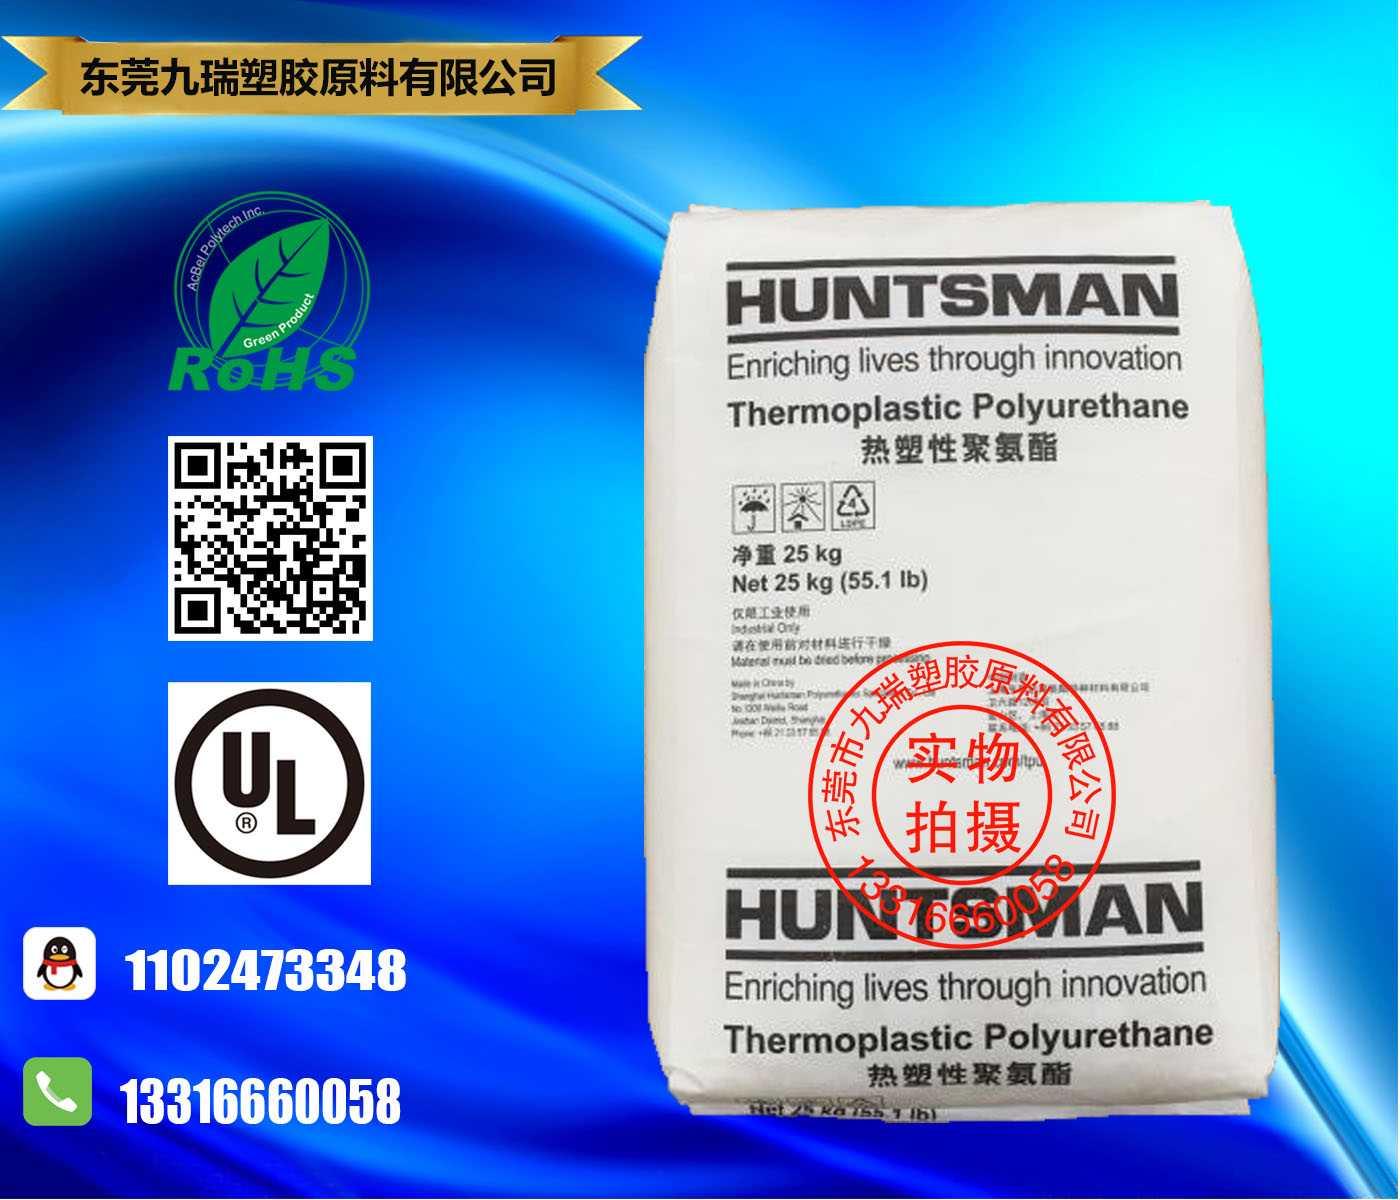 亨斯迈TPU IROSTIC S6148-12汉高粘合剂专用聚氨酯